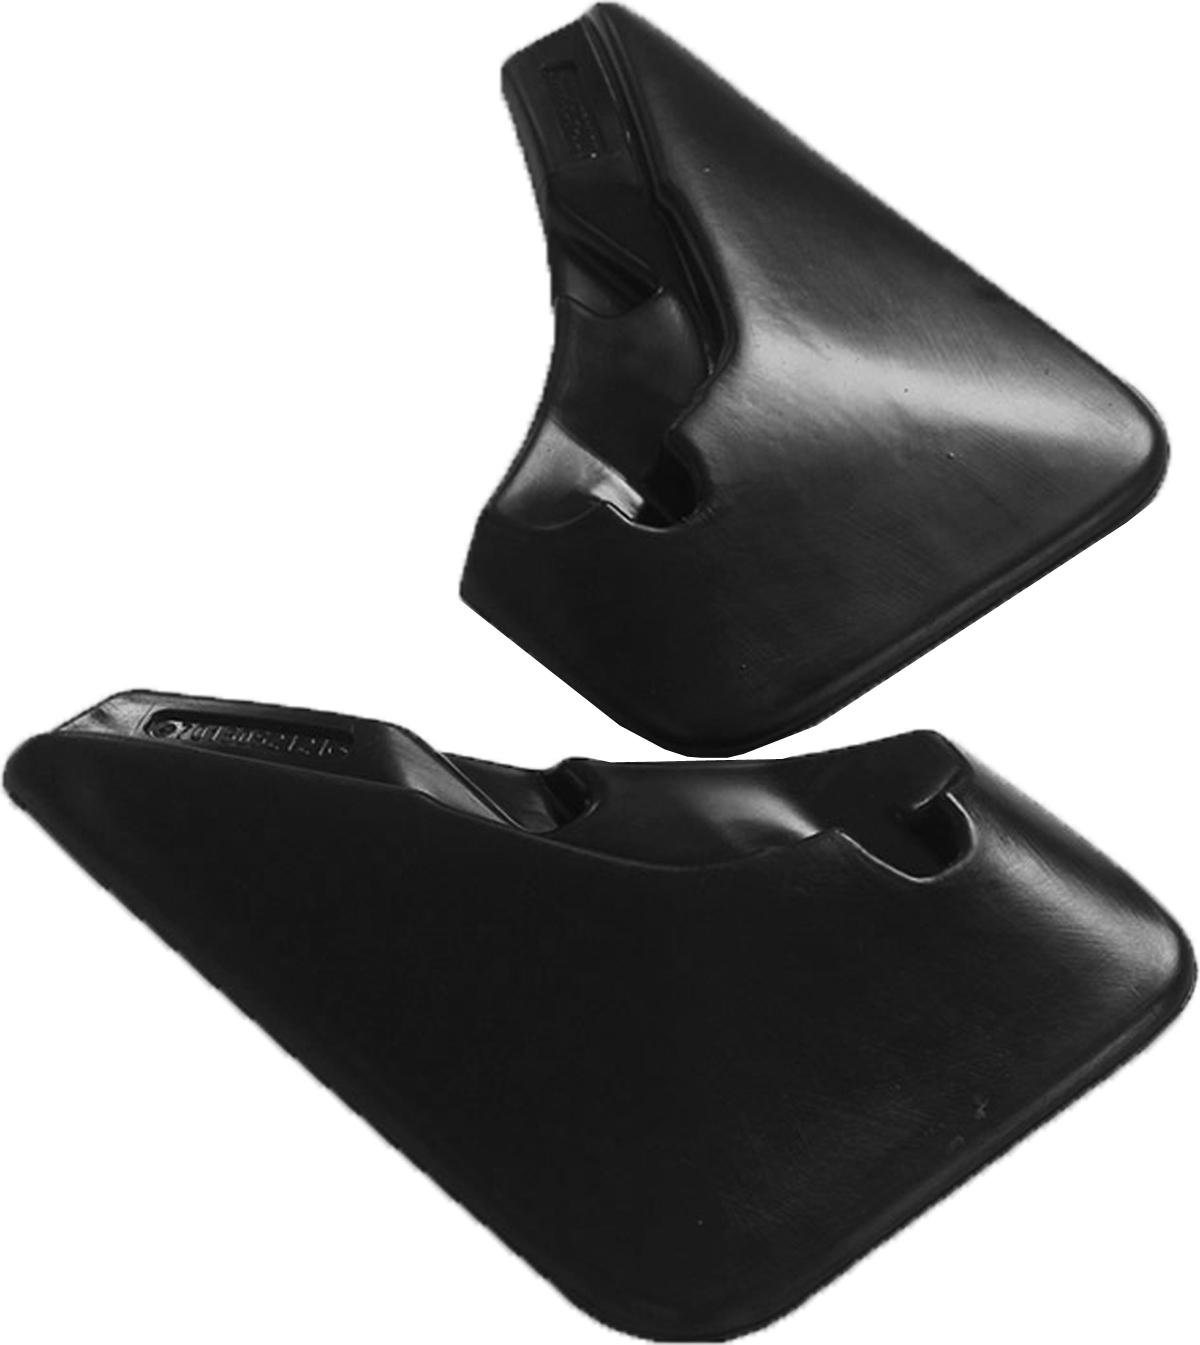 Комплект брызговиков передних для а/м Fiat Doblo7015052151Брызговики изготовлены из высококачественного полимера, уникальный состав брызговиков допускает их эксплуатацию в широком диапазоне температур: - 50°С до + 80°С. Эффективно защищают кузов автомобиля от грязи и воды – формируют аэродинамический поток воздуха, создаваемый при движении вокруг кузова таким образом, чтобы максимально уменьшить образование грязевой измороси, оседающей на автомобиле.Разработаны индивидуально для каждой модели автомобиля, с эстетической точки зрения брызговики являются завершением колесной арки.